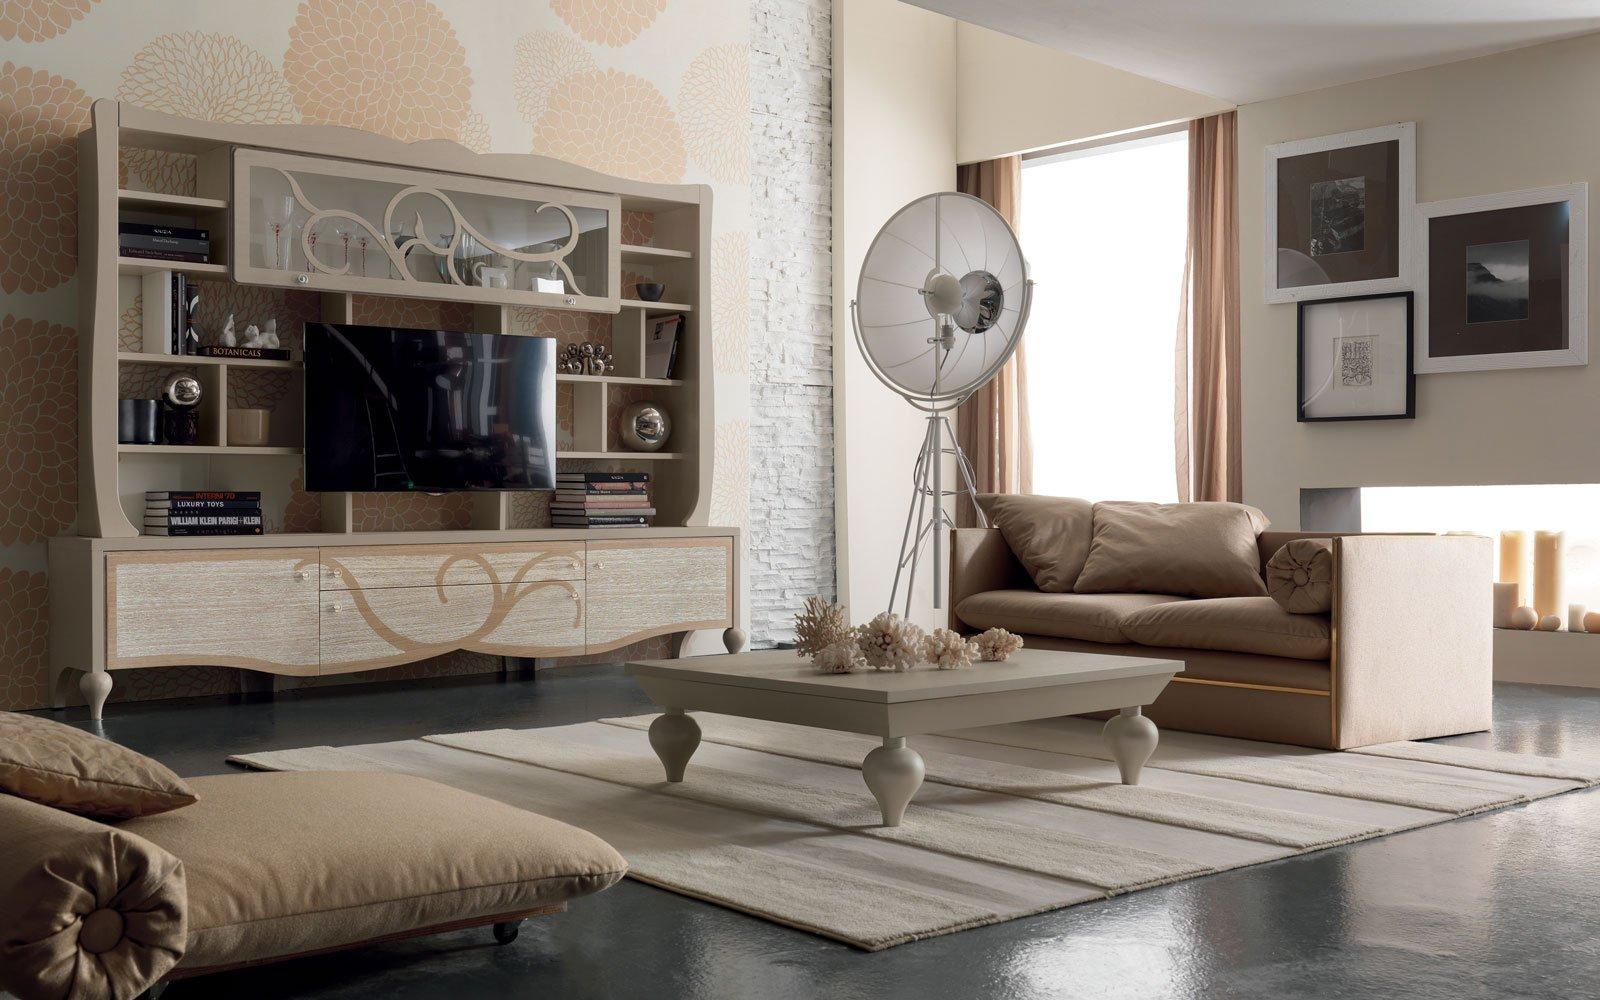 Mobile soggiorno 14 soluzioni miste per arredare il living cose di casa - Soggiorno moderno ikea ...